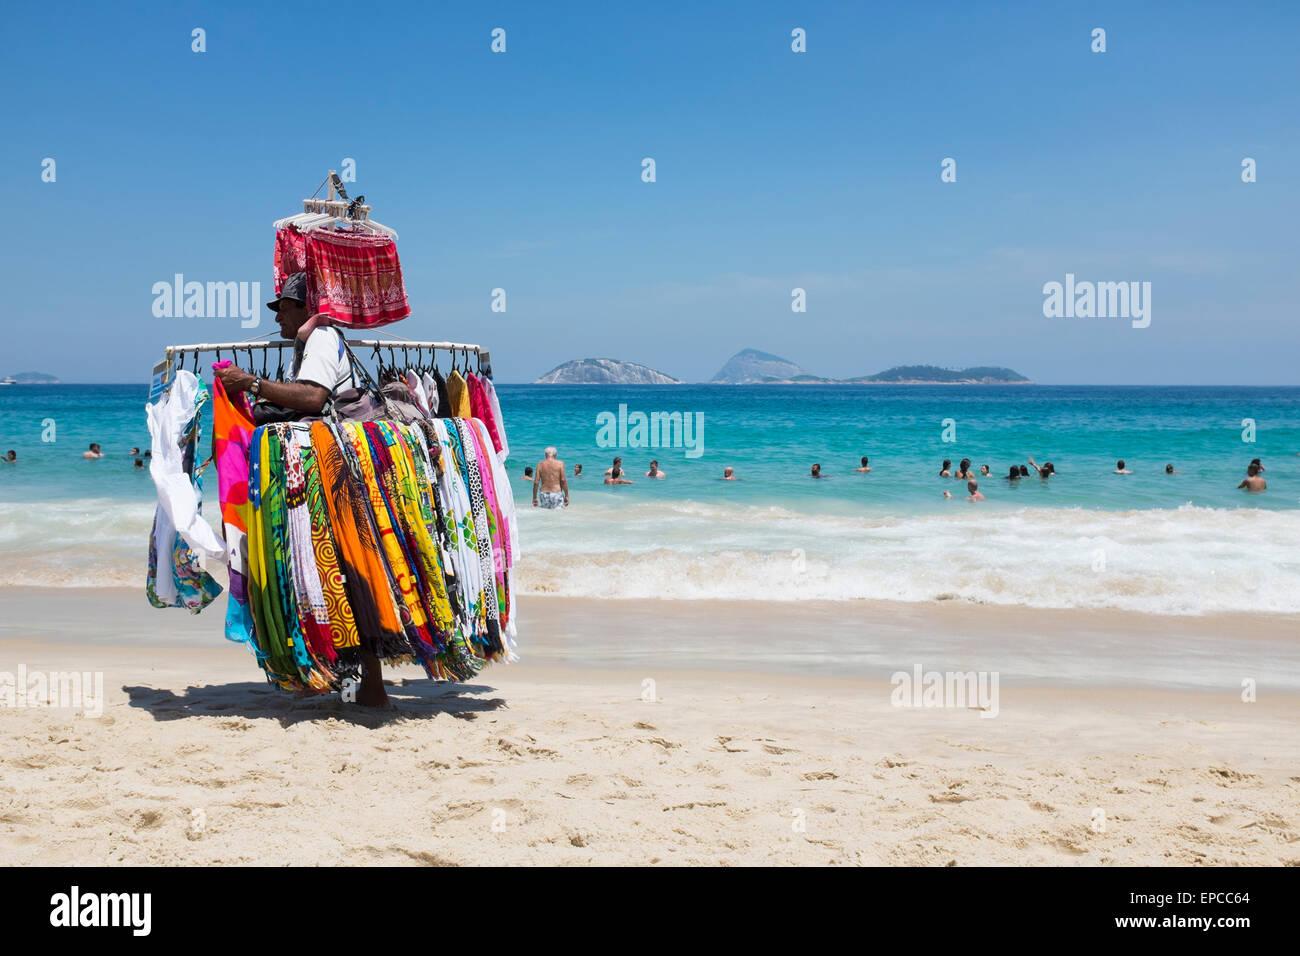 RIO DE JANEIRO, Brasile - 15 Marzo 2015: una spiaggia venditore a vendere vivacemente colorati porta abiti merchandise Immagini Stock